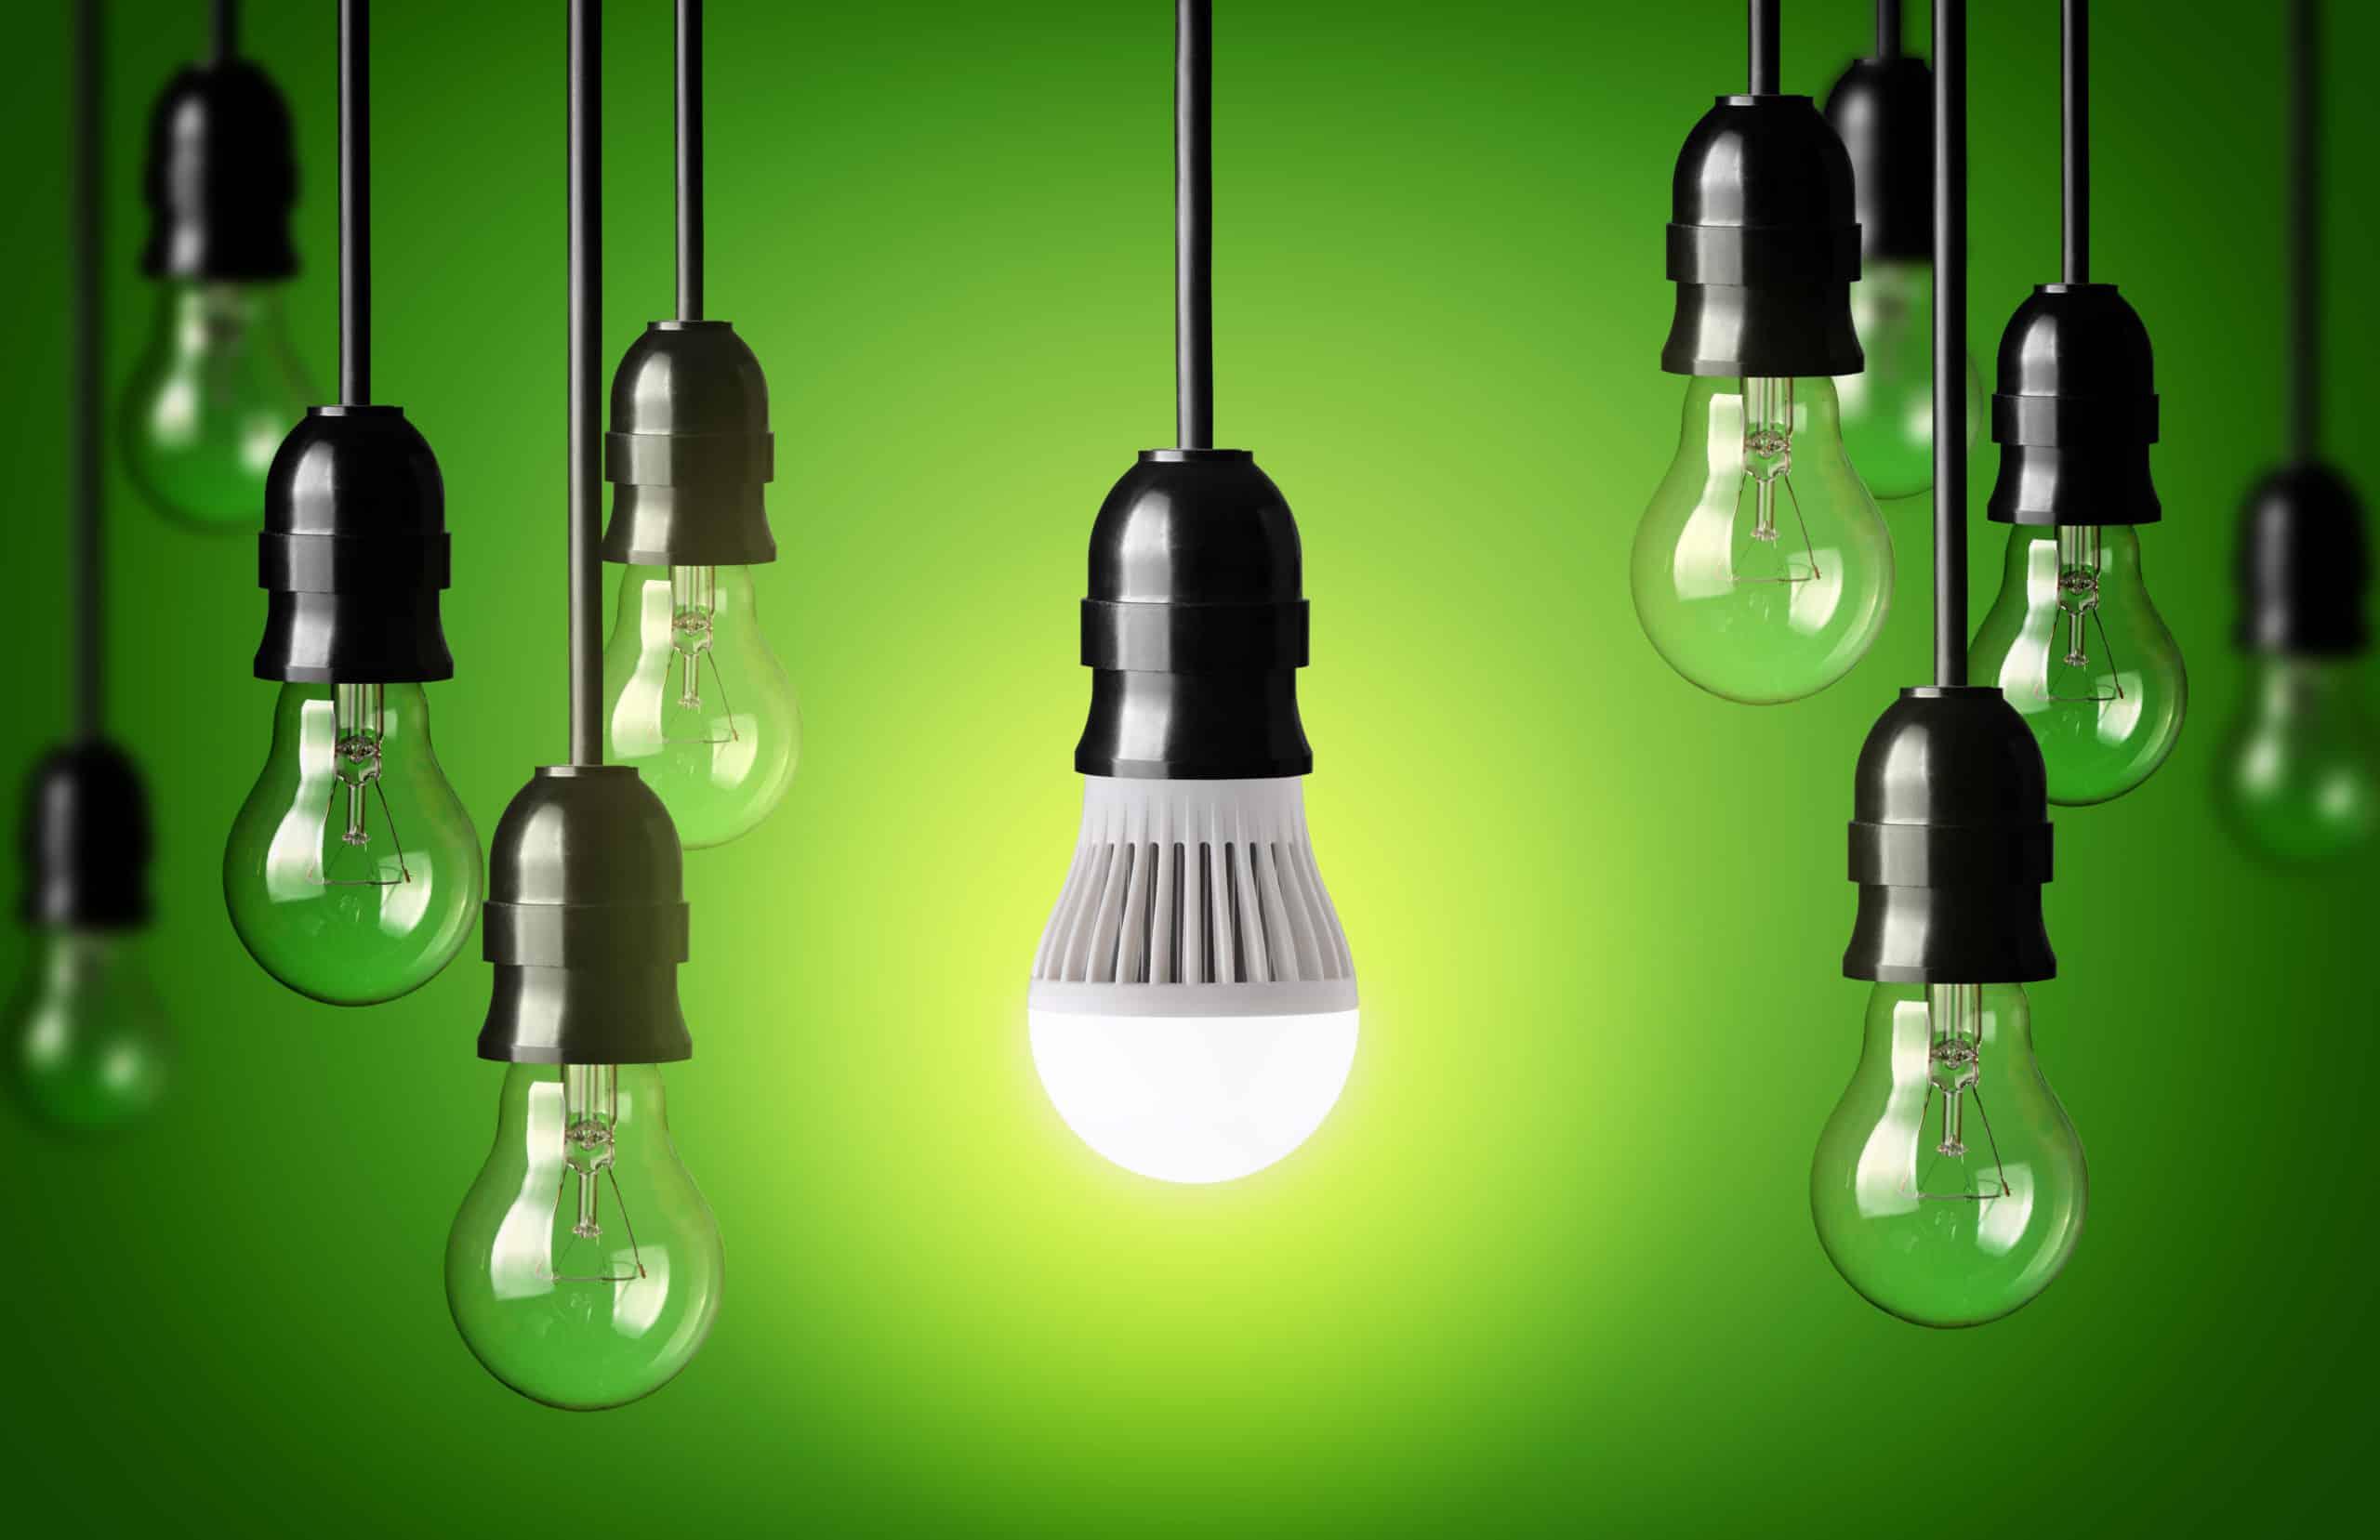 """Dass es bei uns rund um die Uhr hell sein kann, haben wir Thomas Alva Edison zu verdanken, dem """"Vater"""" der Leuchtmittel. Foto: chones via Envato"""